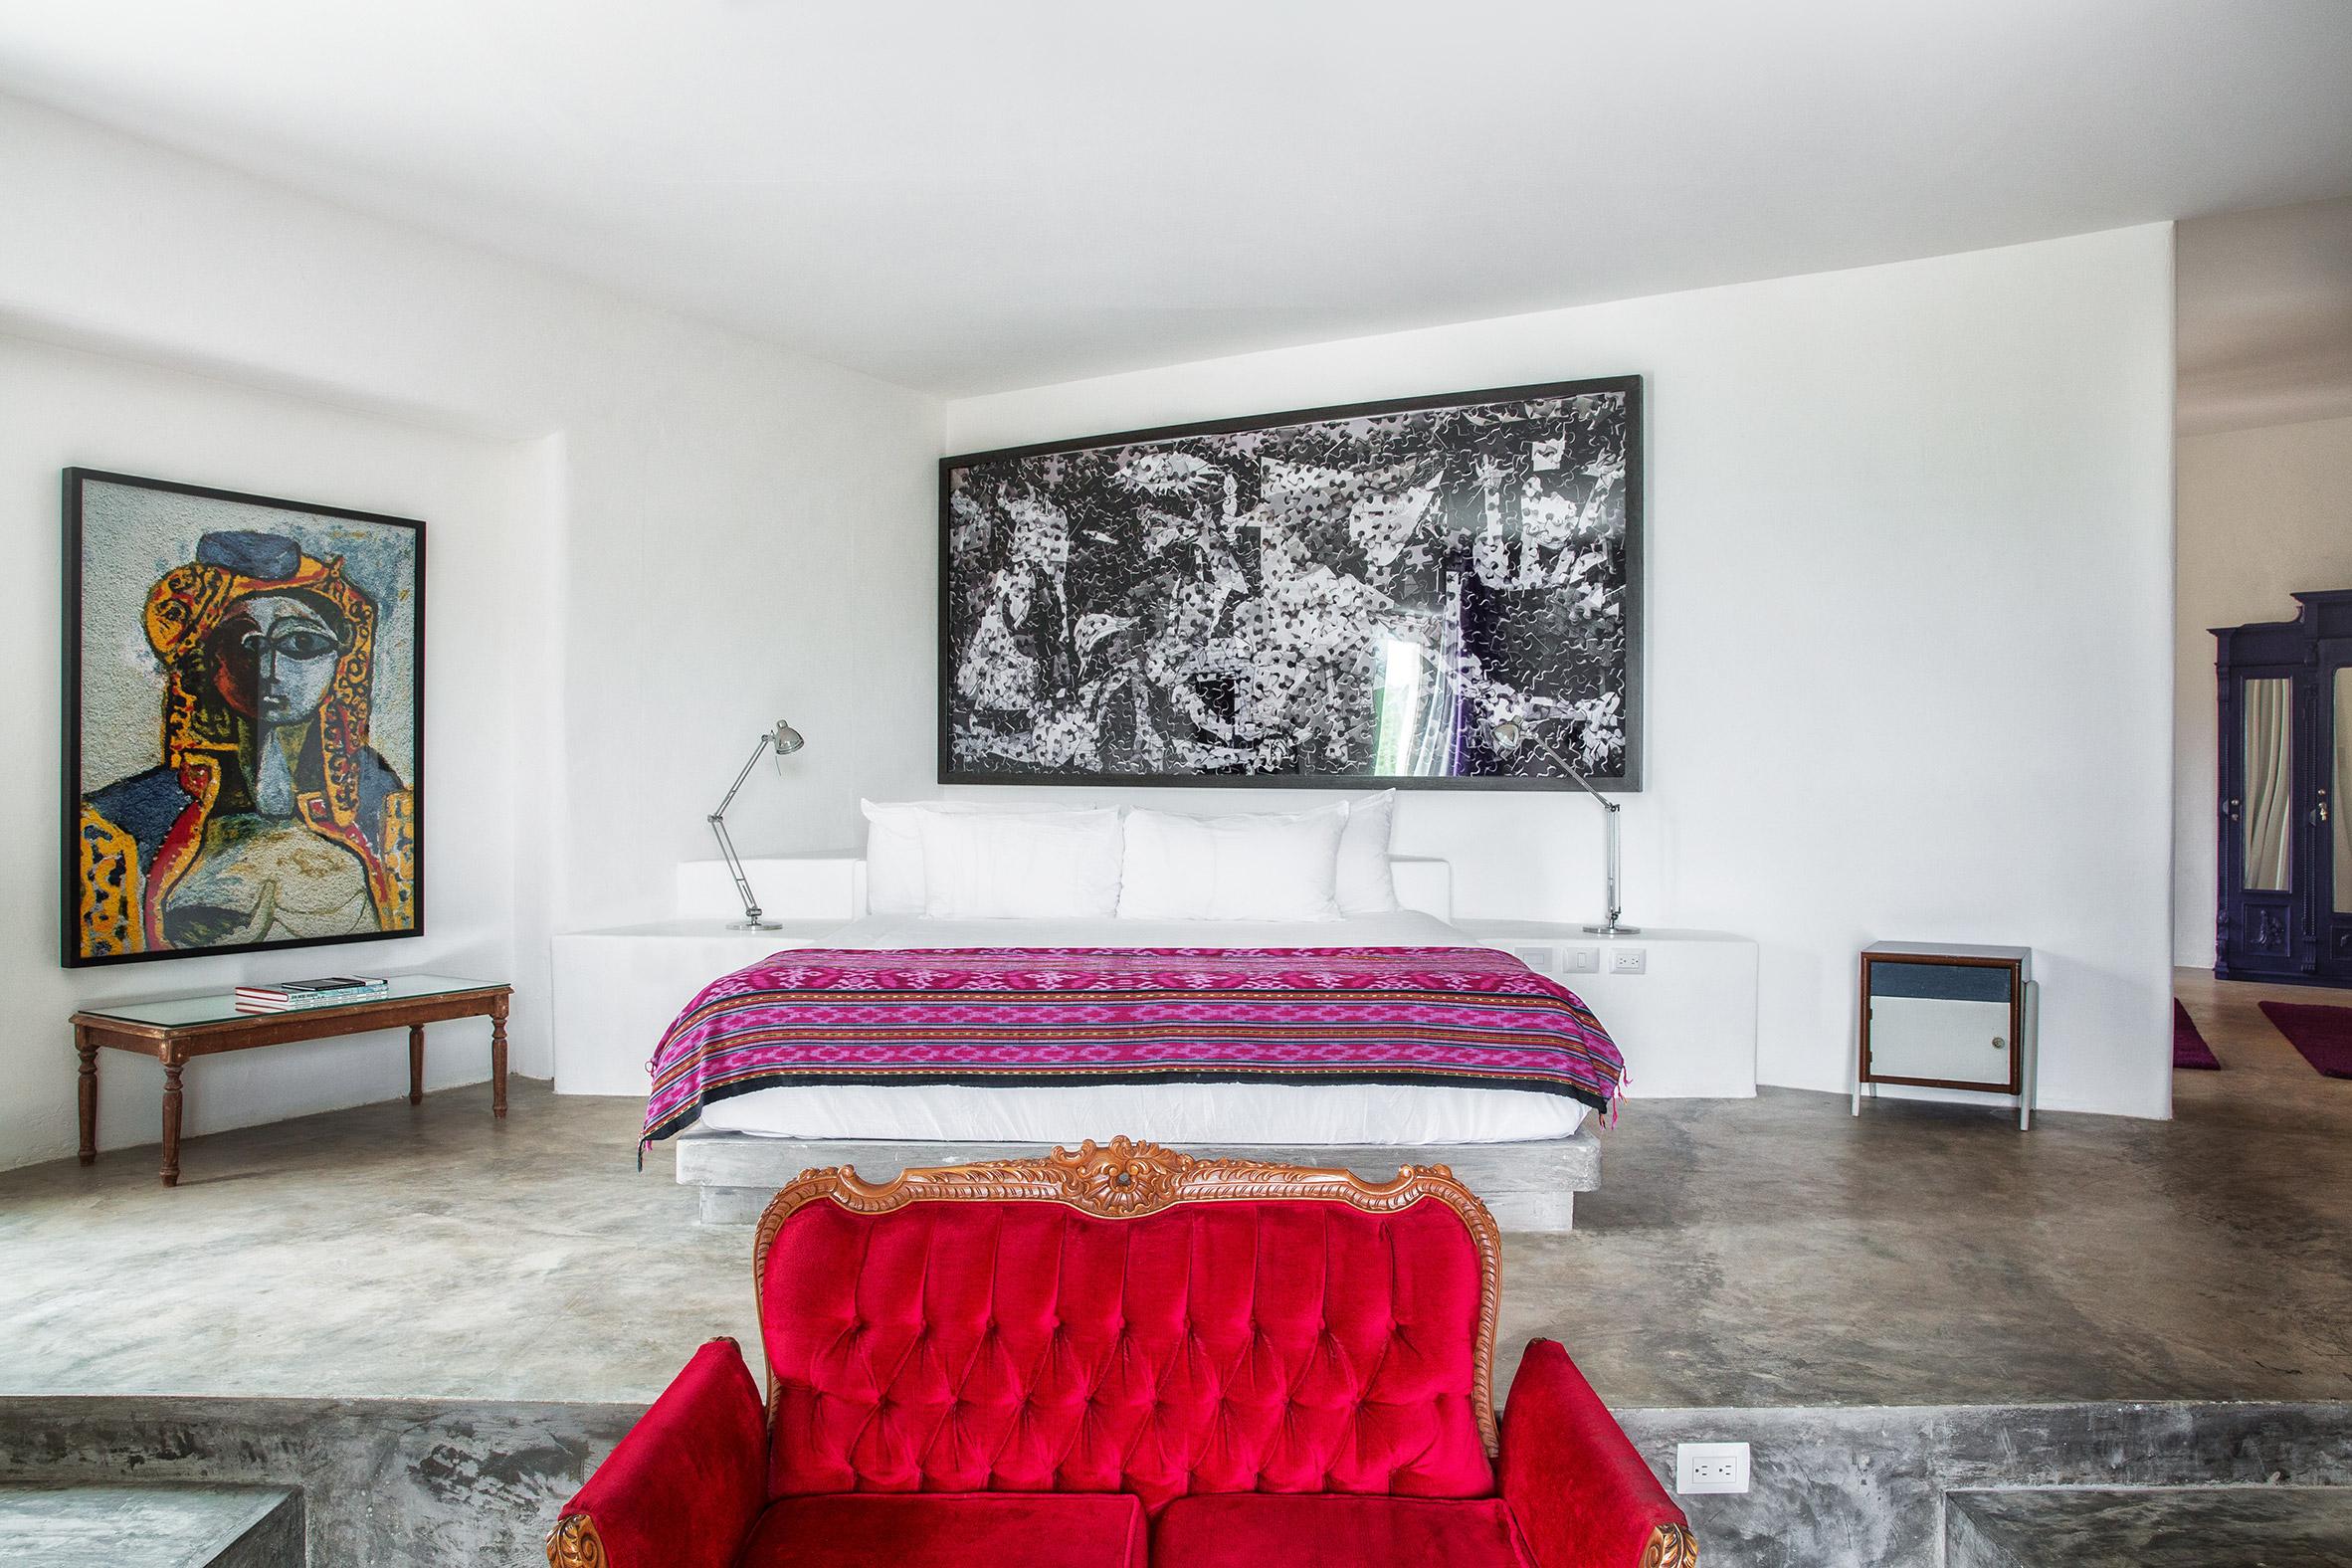 casa-malca-architecture-hotels-mexico_dezeen_2364_col_13.jpg